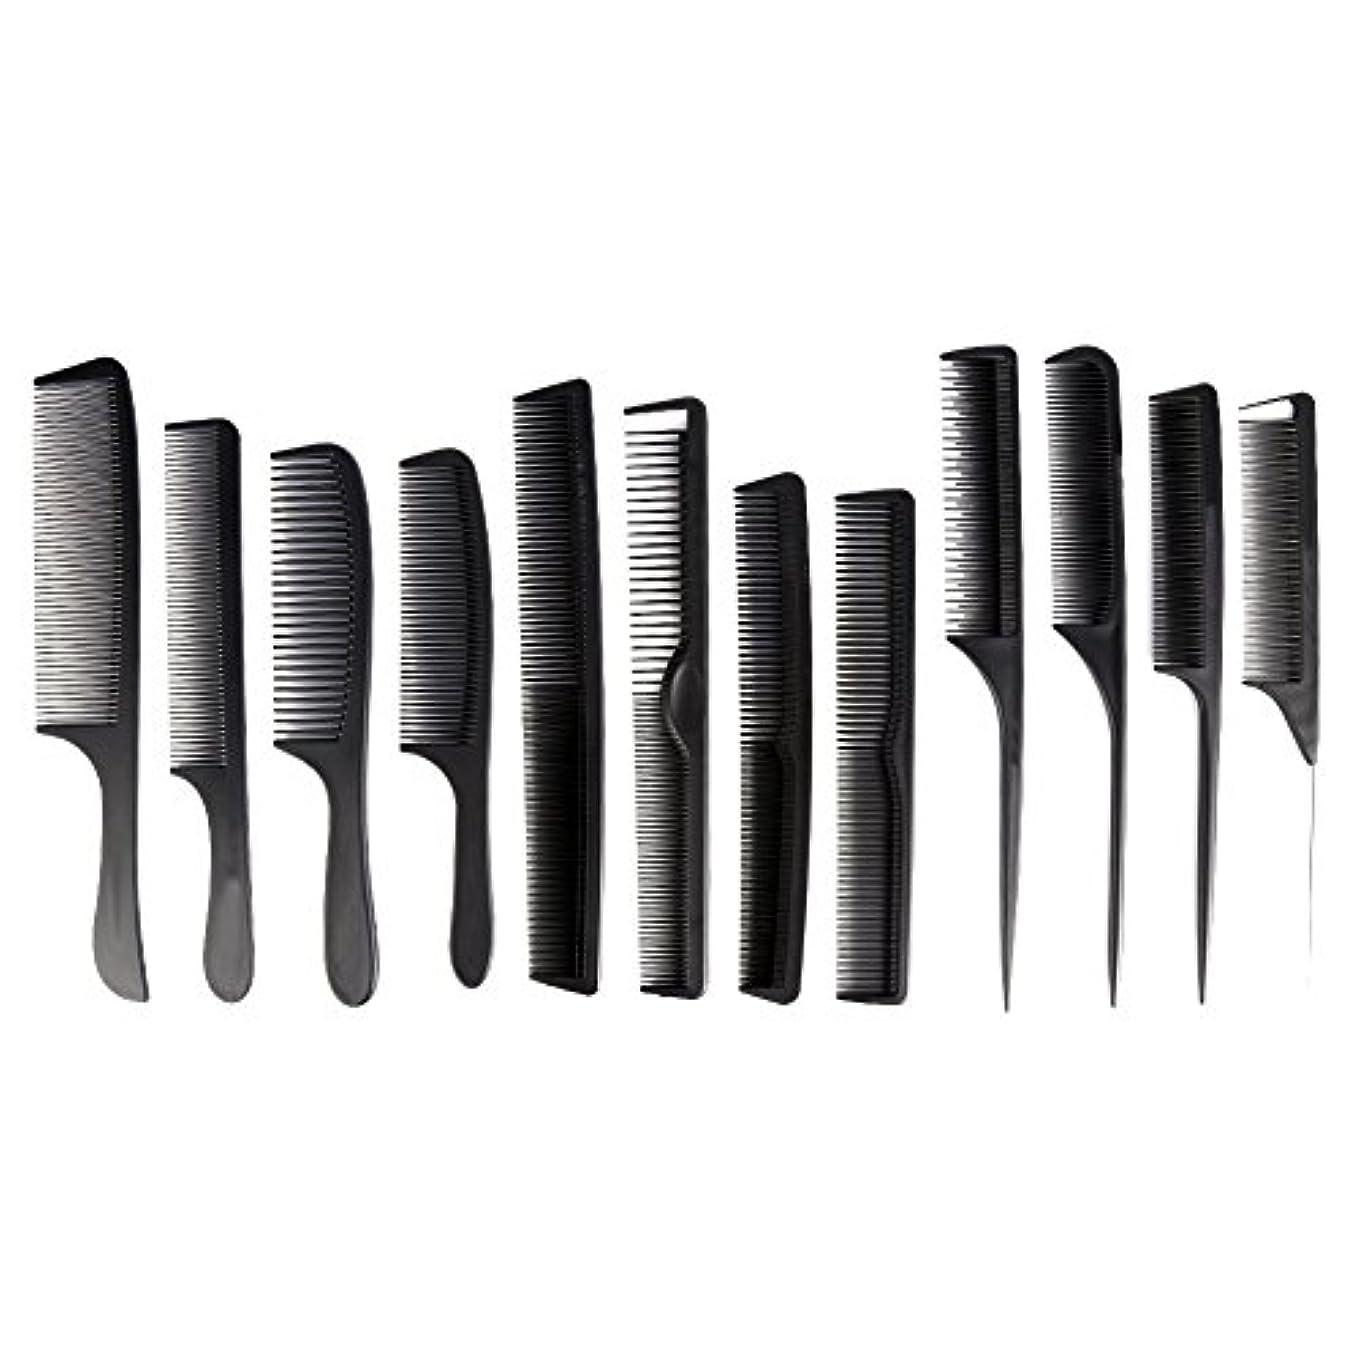 地域不安定乱雑なカットコーム 散髪用コーム コームセット12点セット プロ用ヘアコーム  静電気減少 軽量 サロン/美容室/床屋など適用